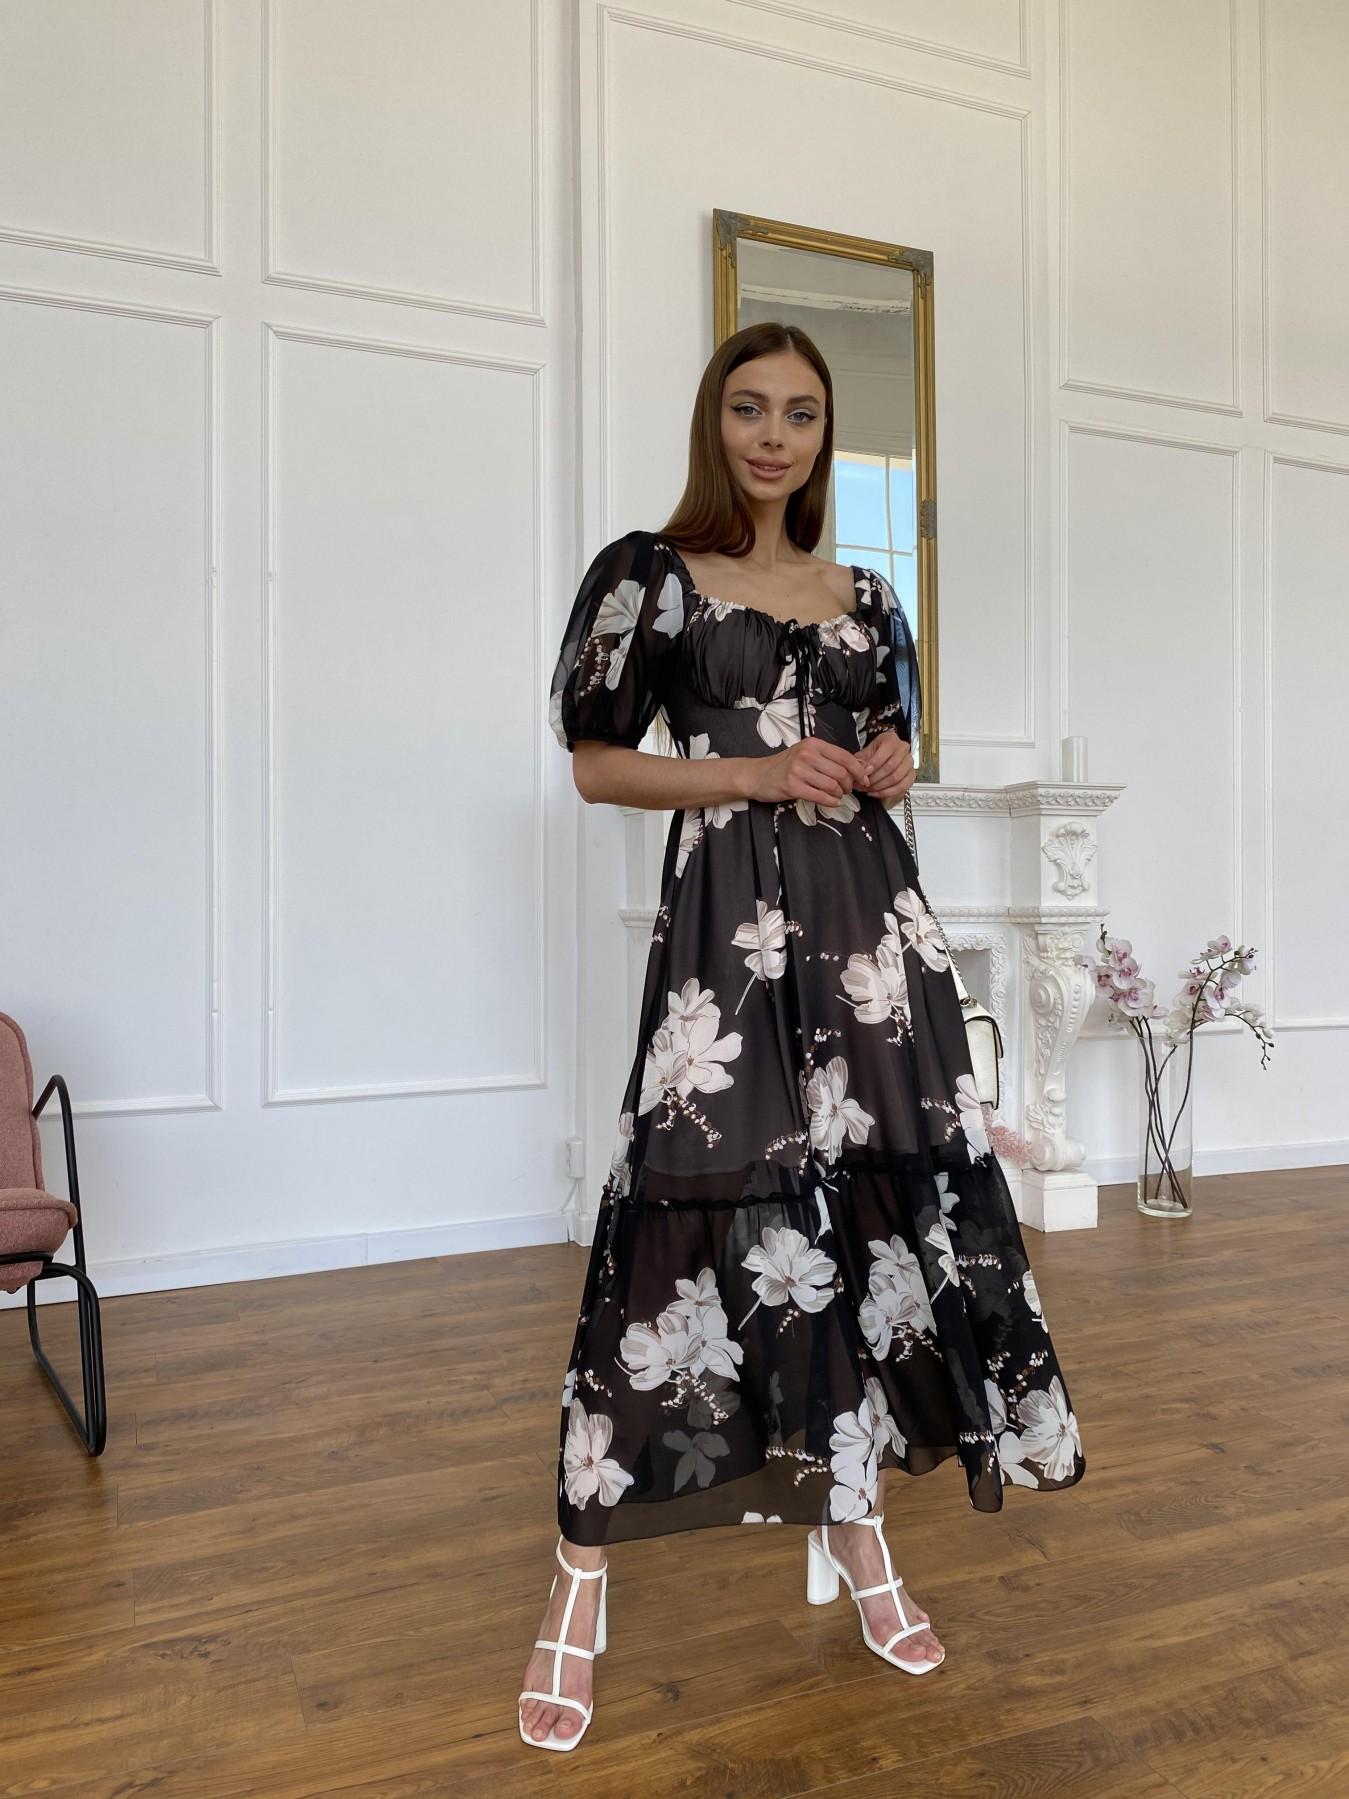 Лоретта платье из шифона в принт 11468 АРТ. 48054 Цвет: Черный/КрупБежевЦветок - фото 9, интернет магазин tm-modus.ru